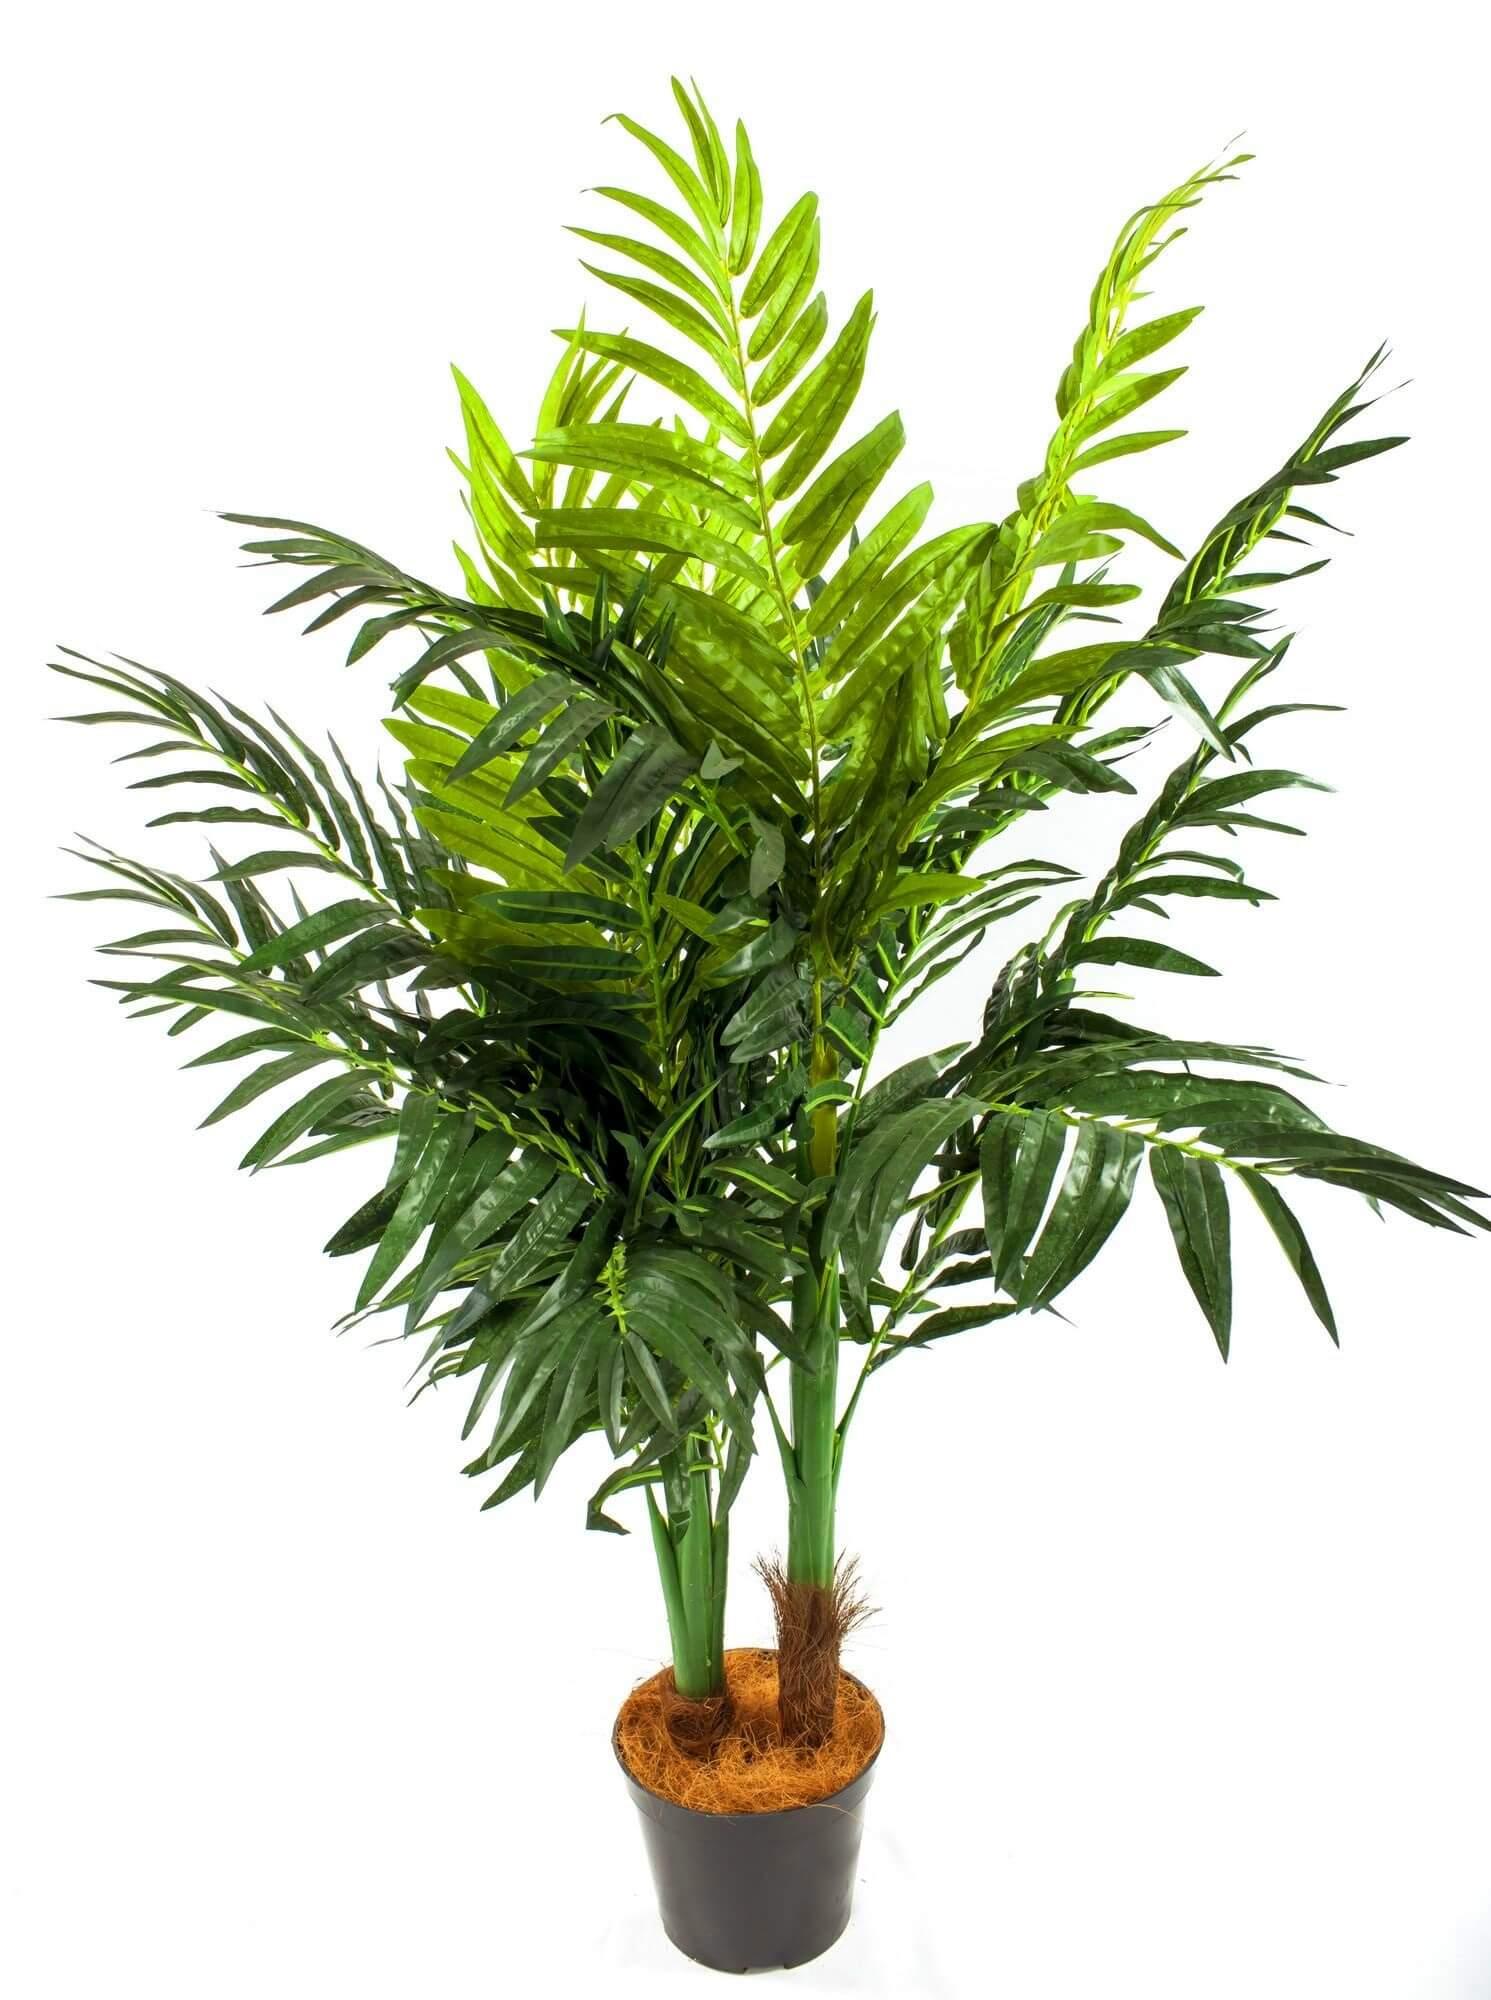 Как ухаживать за комнатной пальмой в домашних условиях, способы размножения и разновидности